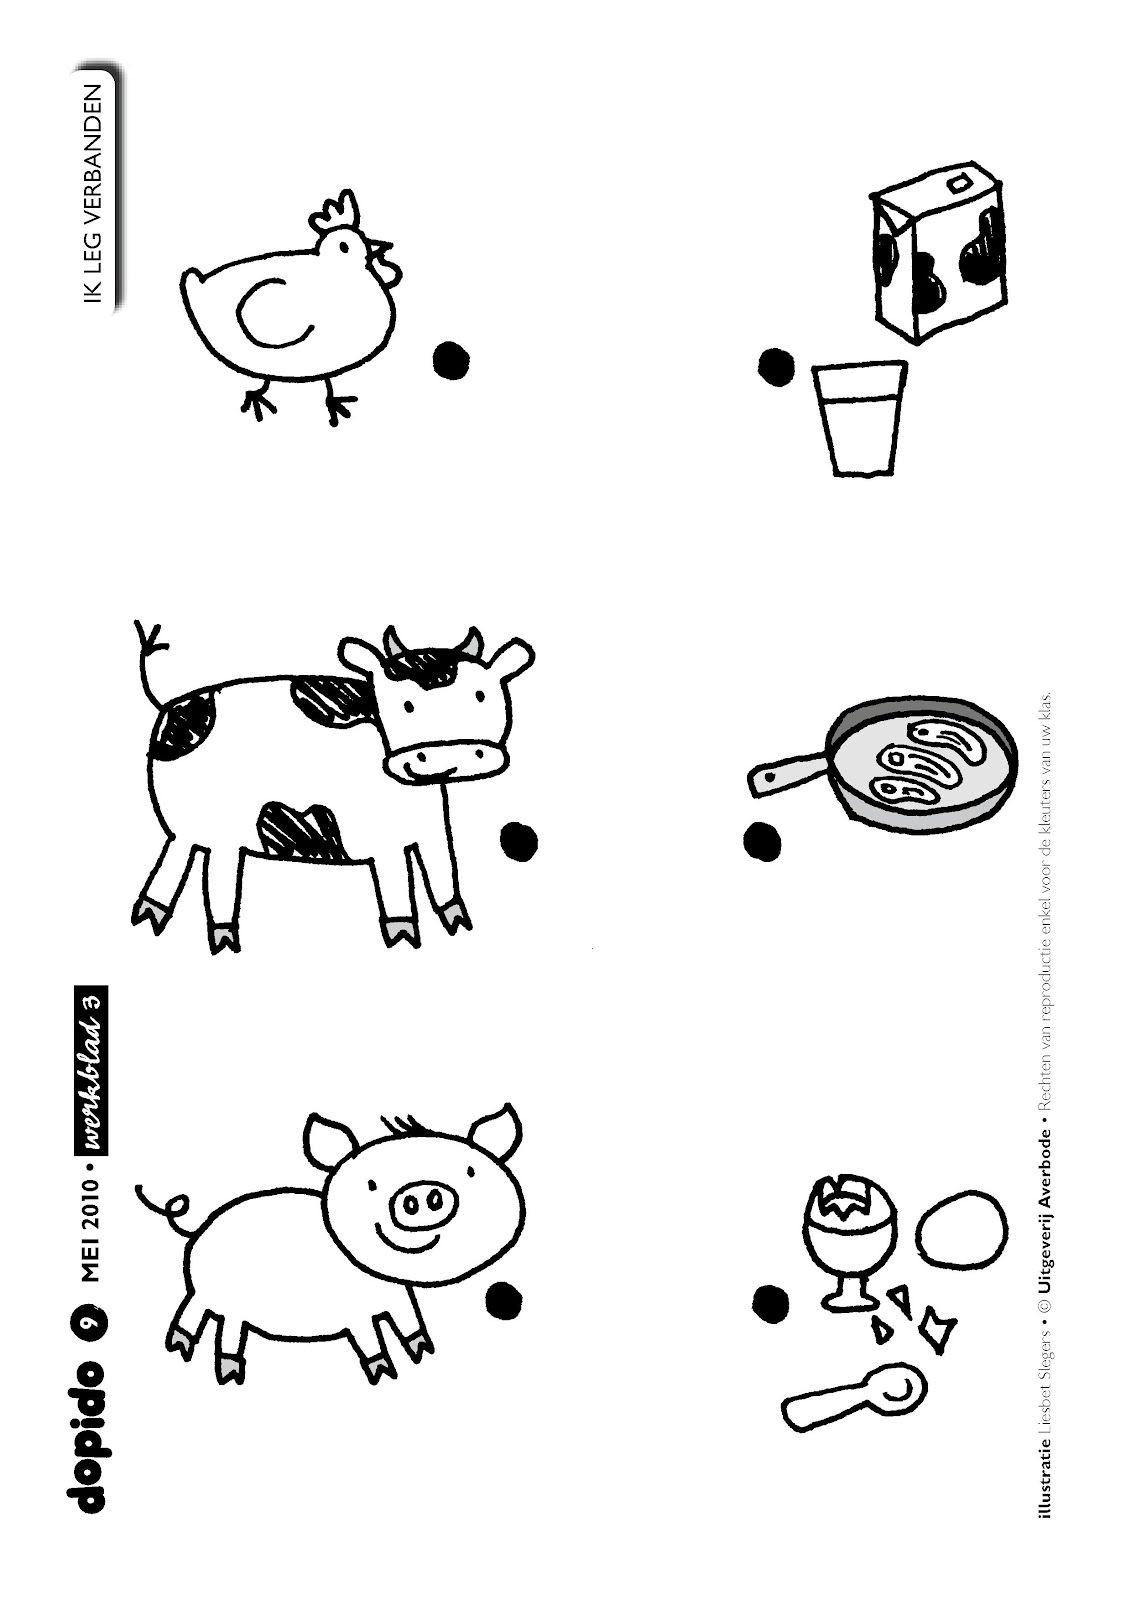 versje boerderij - Google zoeken   bc dieren   Pinterest